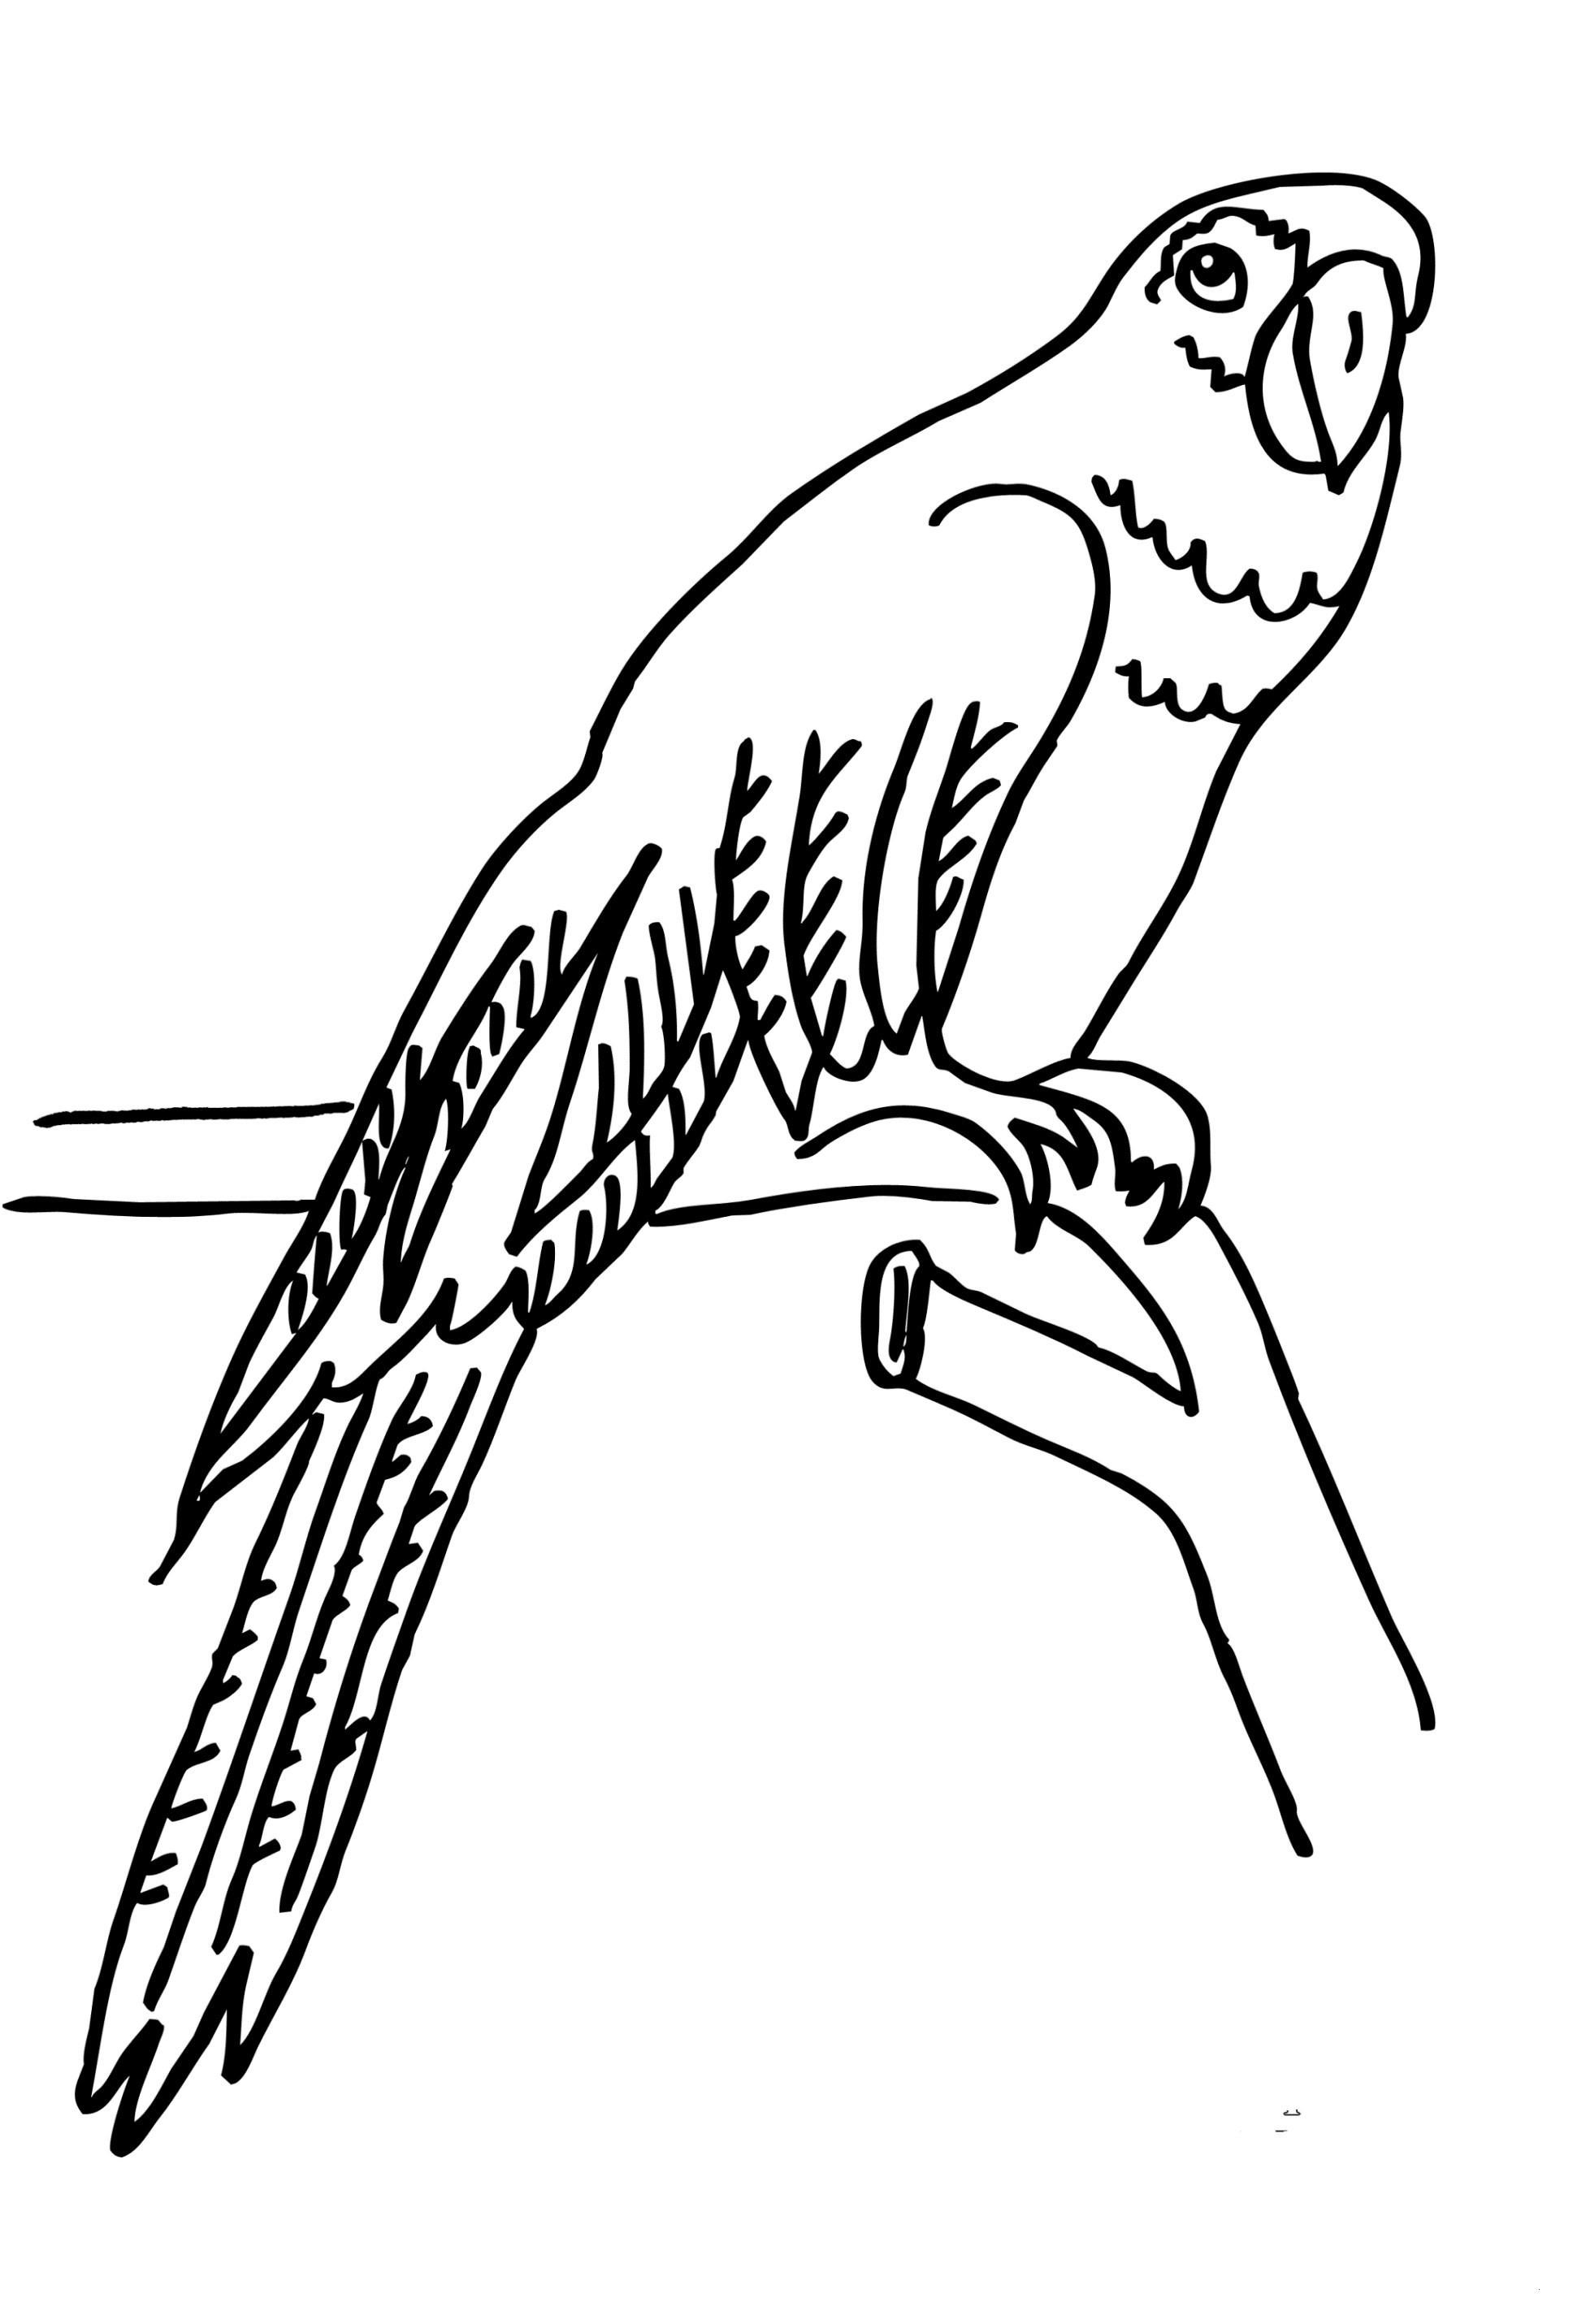 Papagei Zum Ausmalen Einzigartig 40 Schön Papagei Ausmalbilder – Große Coloring Page Sammlung Bilder